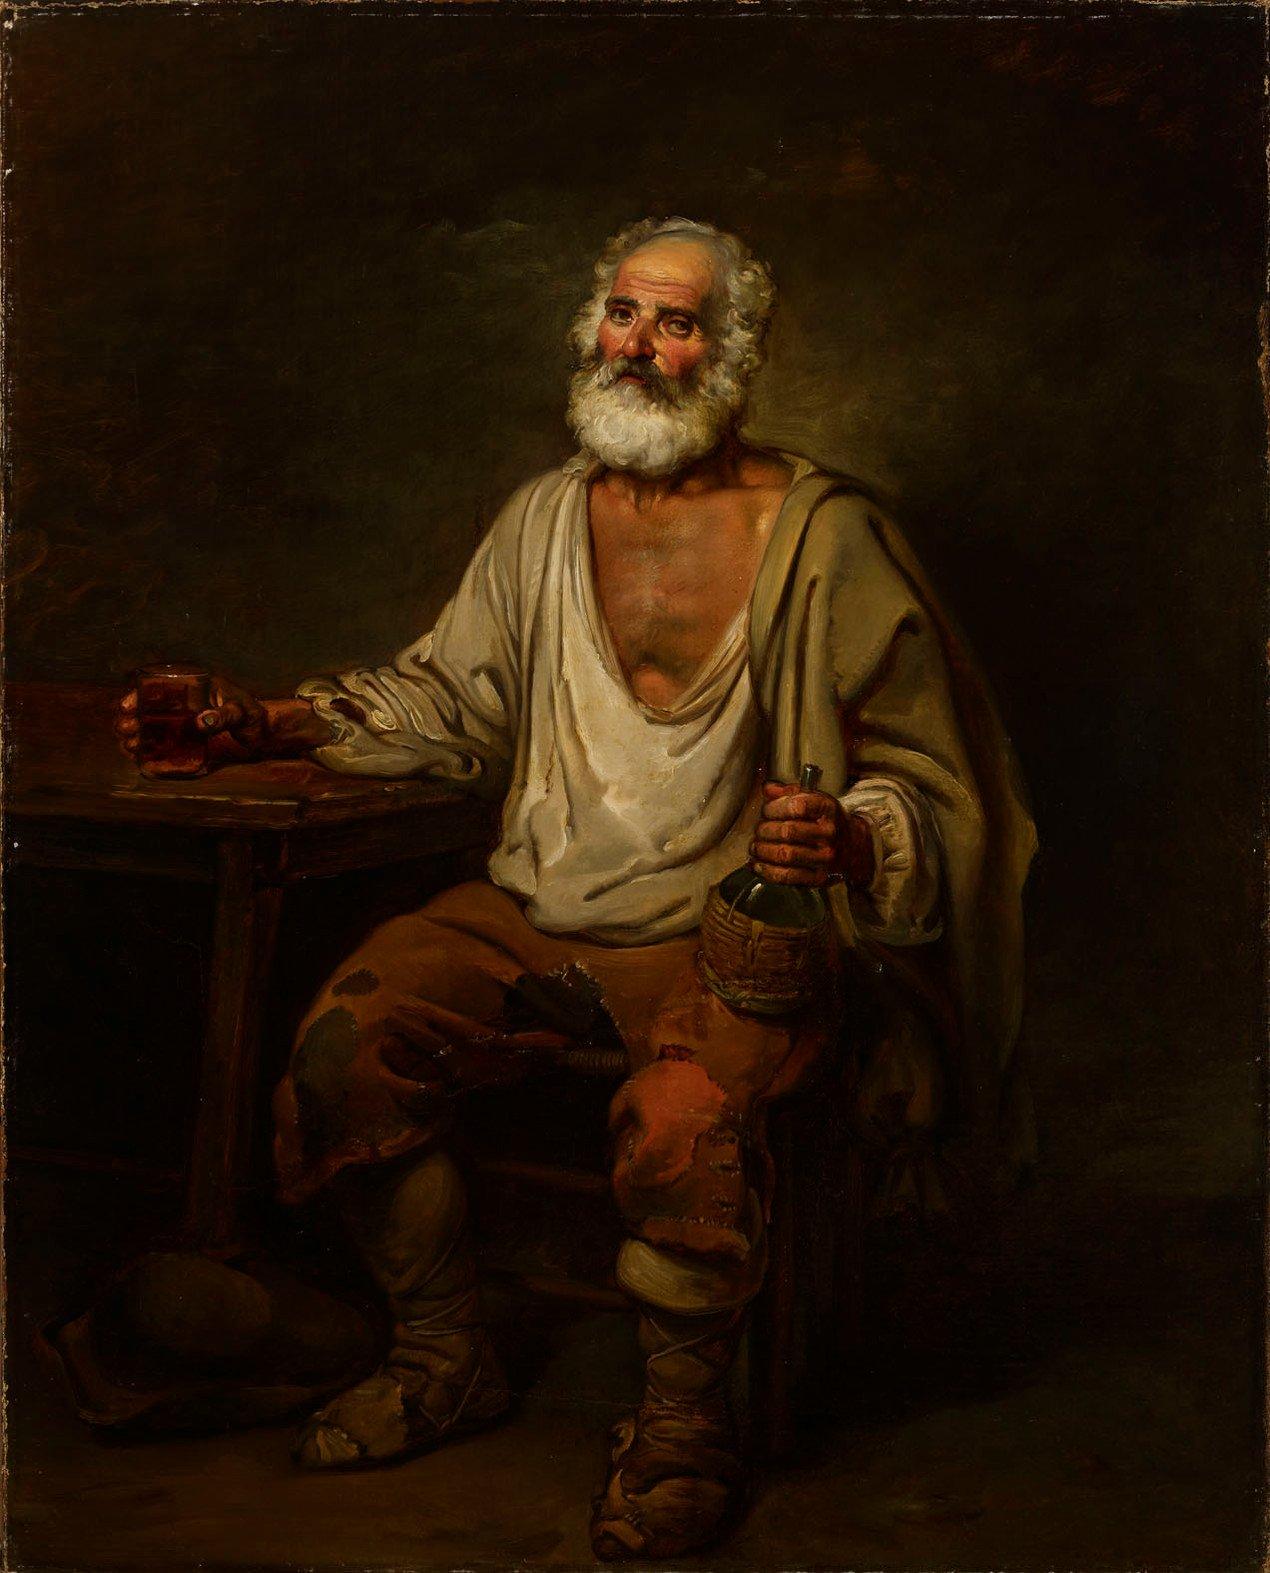 Hombre bebiendo vino (1822), de Aleksander Lauréus